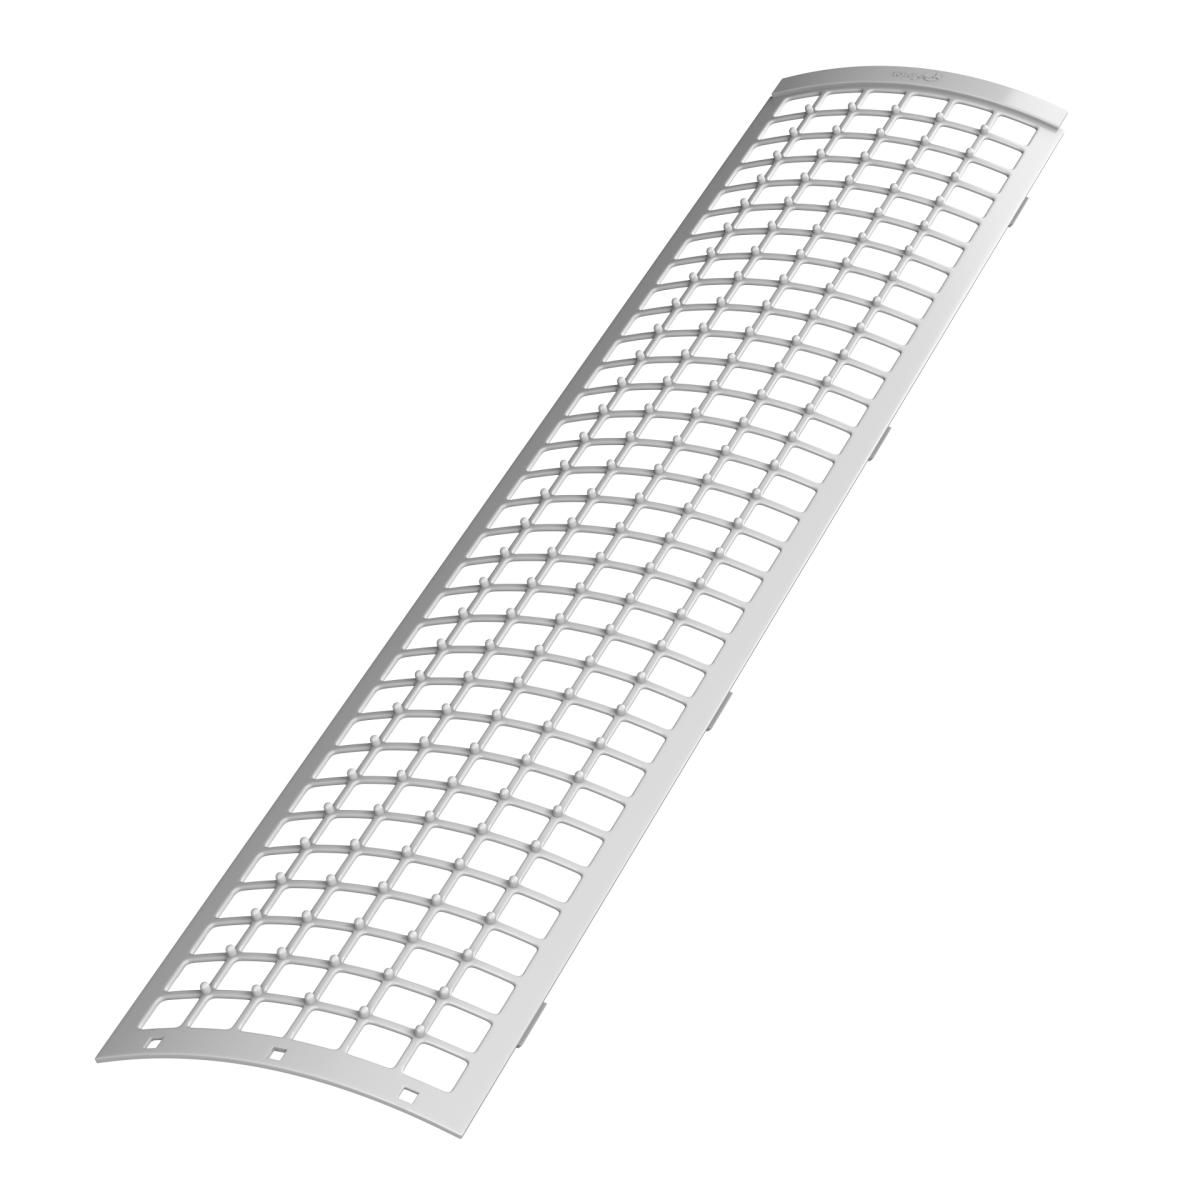 Сетка для защиты желоба 0.61 м цвет белый